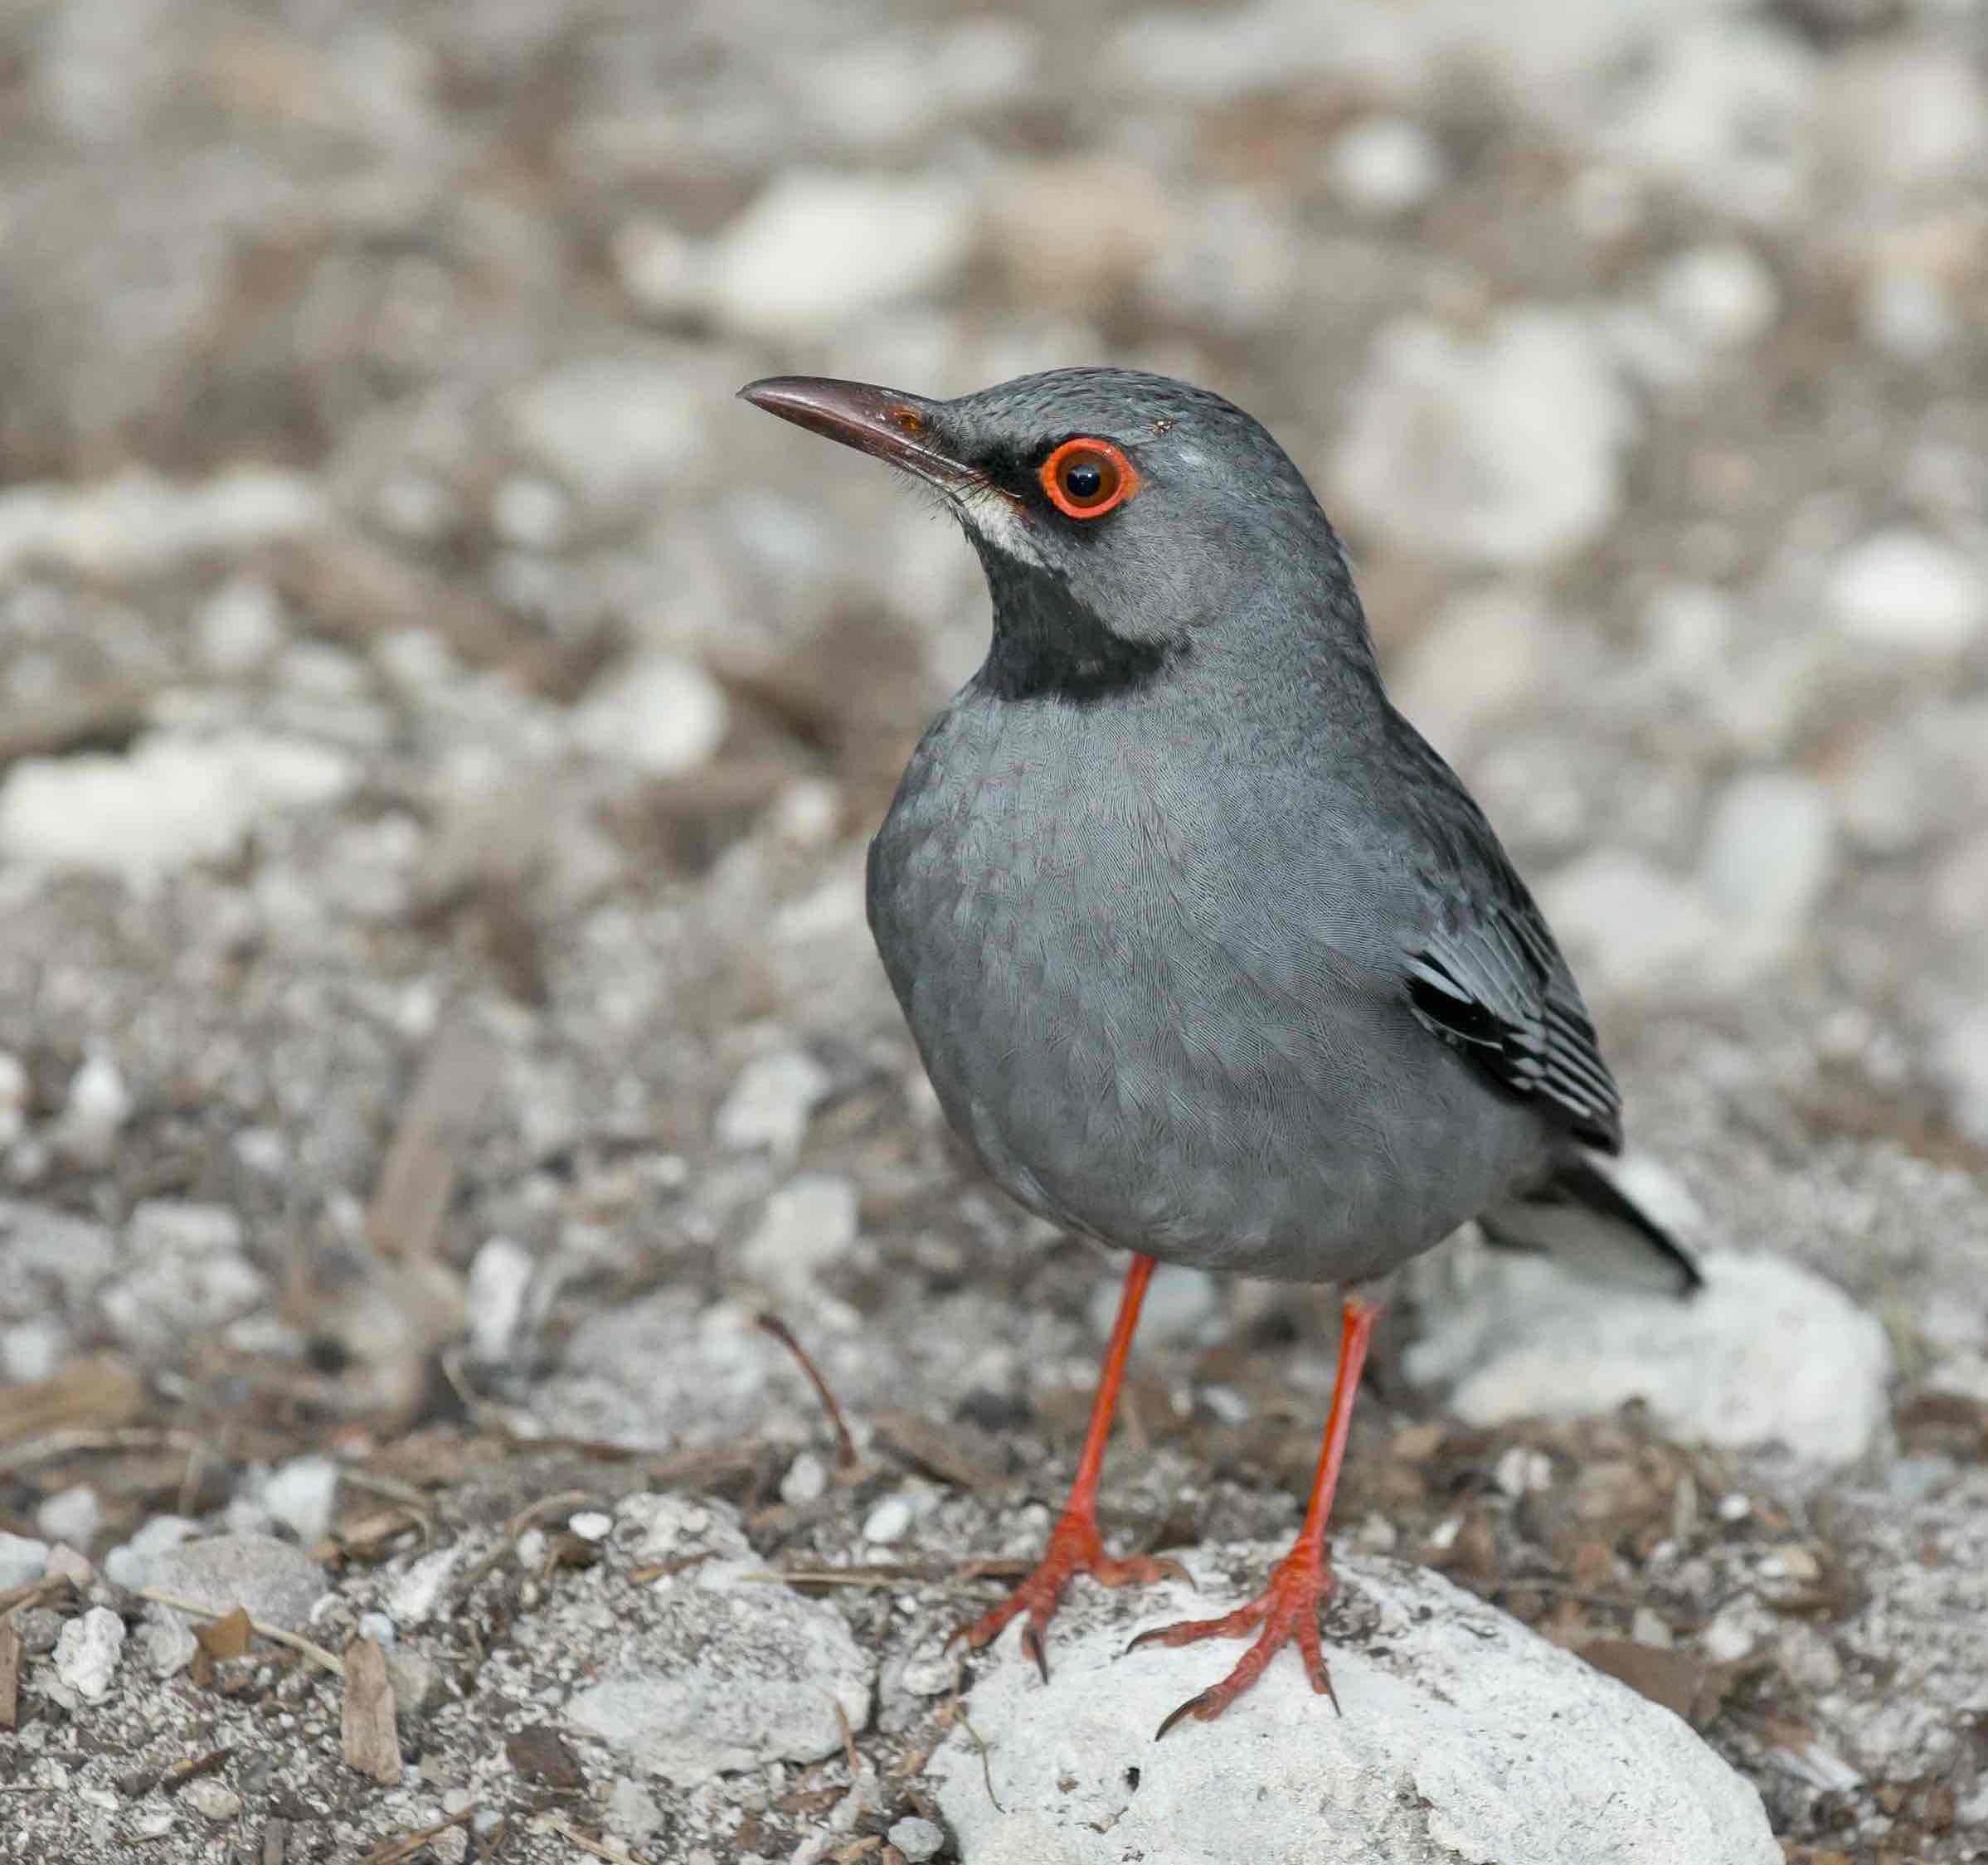 Red-legged Thrush, Abaco, Bahamas (Tom Sheley)